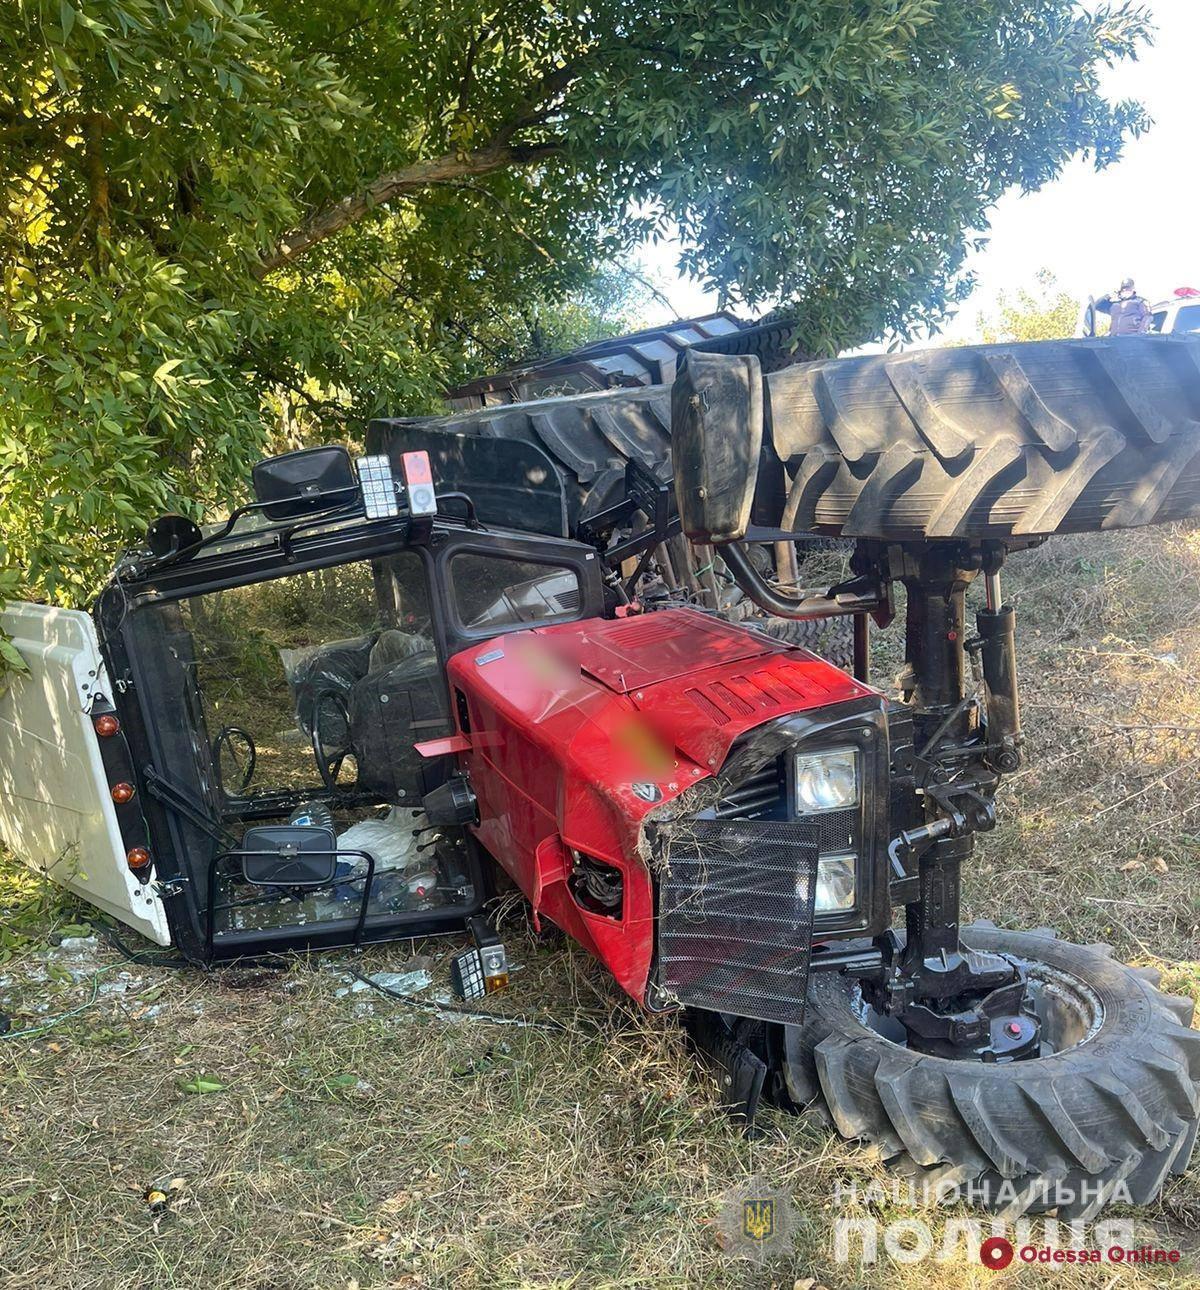 Погиб ребенок: в Одесской области полицейские поймали водителя трактора, сбежавшего с места смертельного ДТП